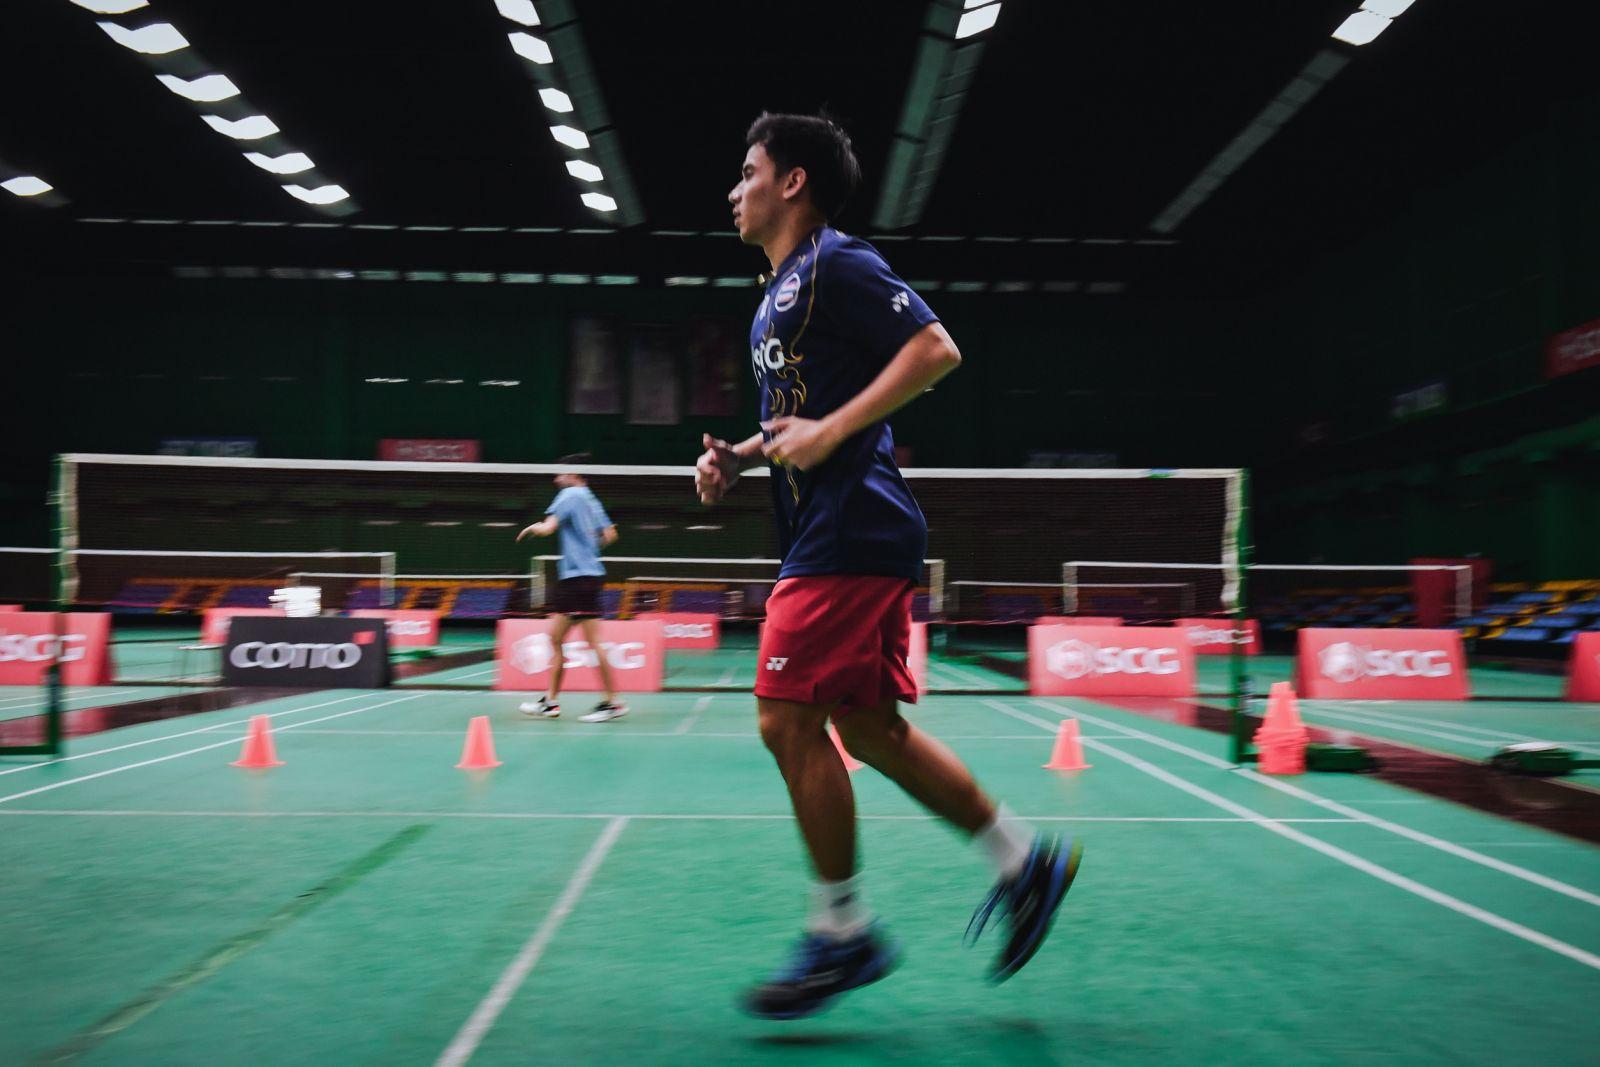 นักตบขนไก่ไทย บาส-ปอป้อ ตั้งเป้าคว้าทองโอลิมปิก